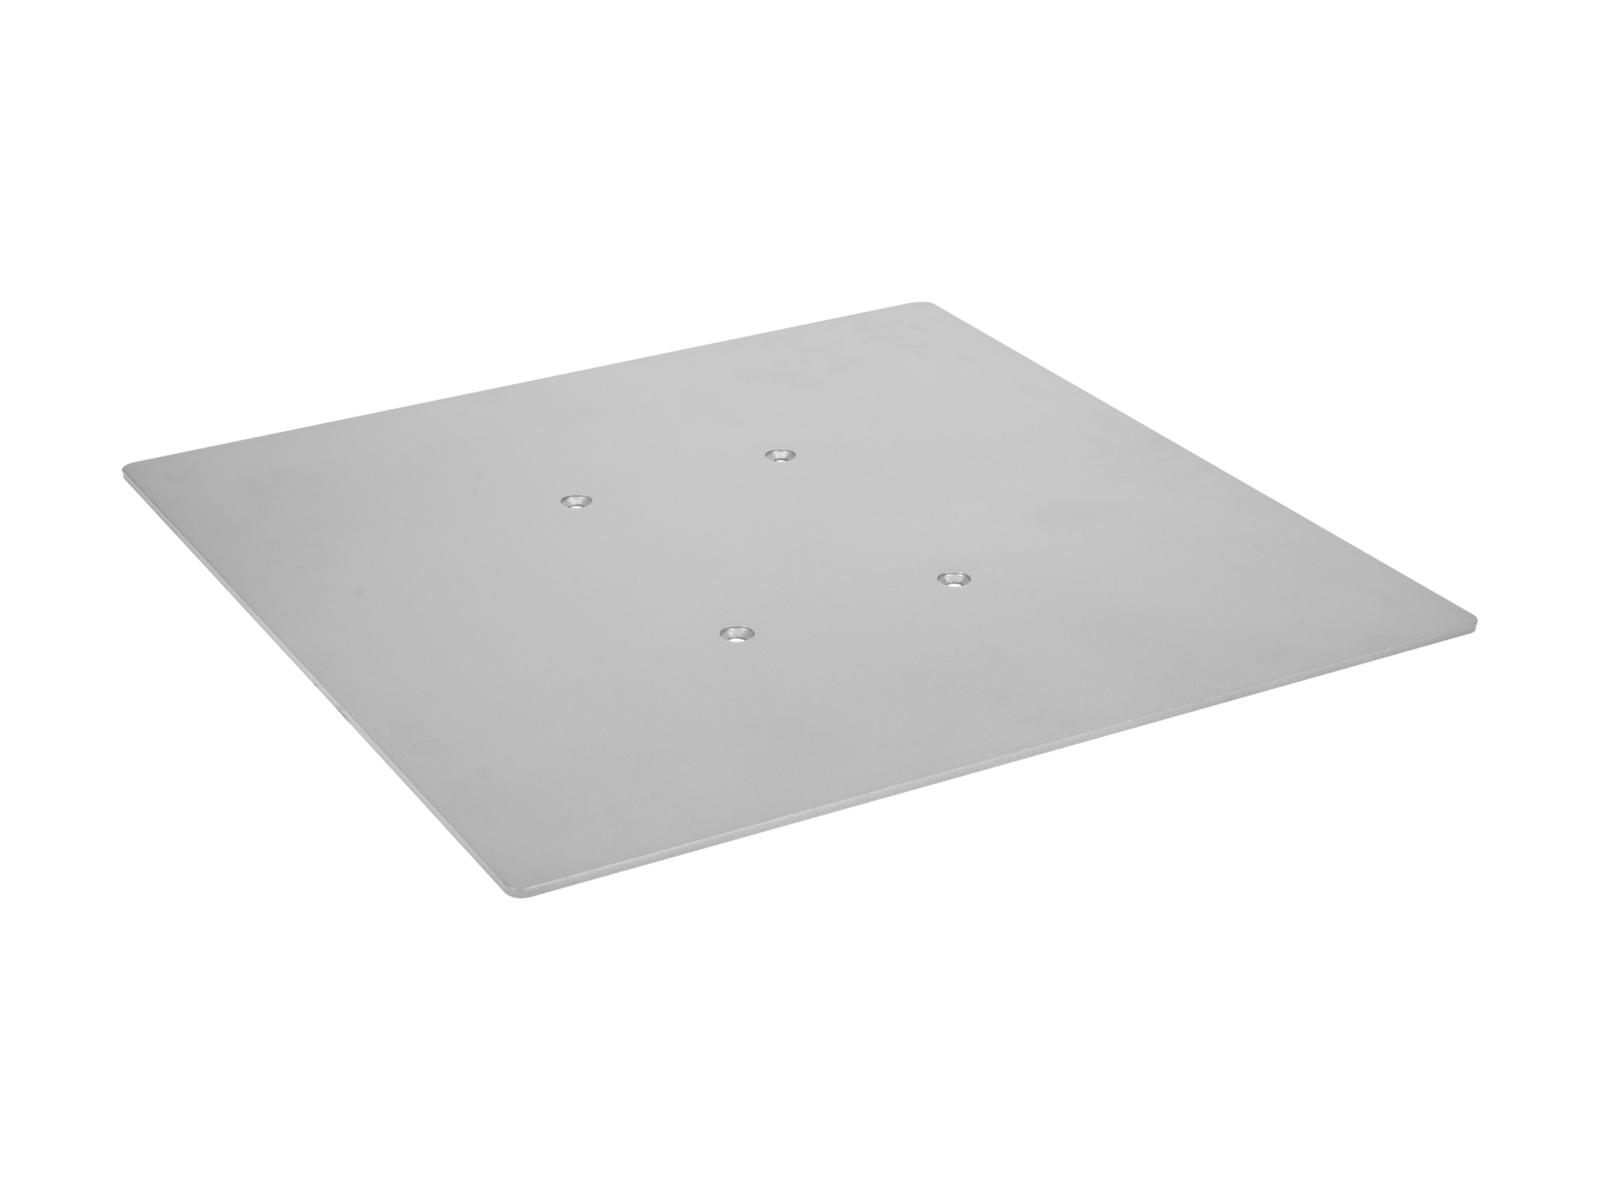 DECOTRUSS Quad Bodenplatte 500 sil